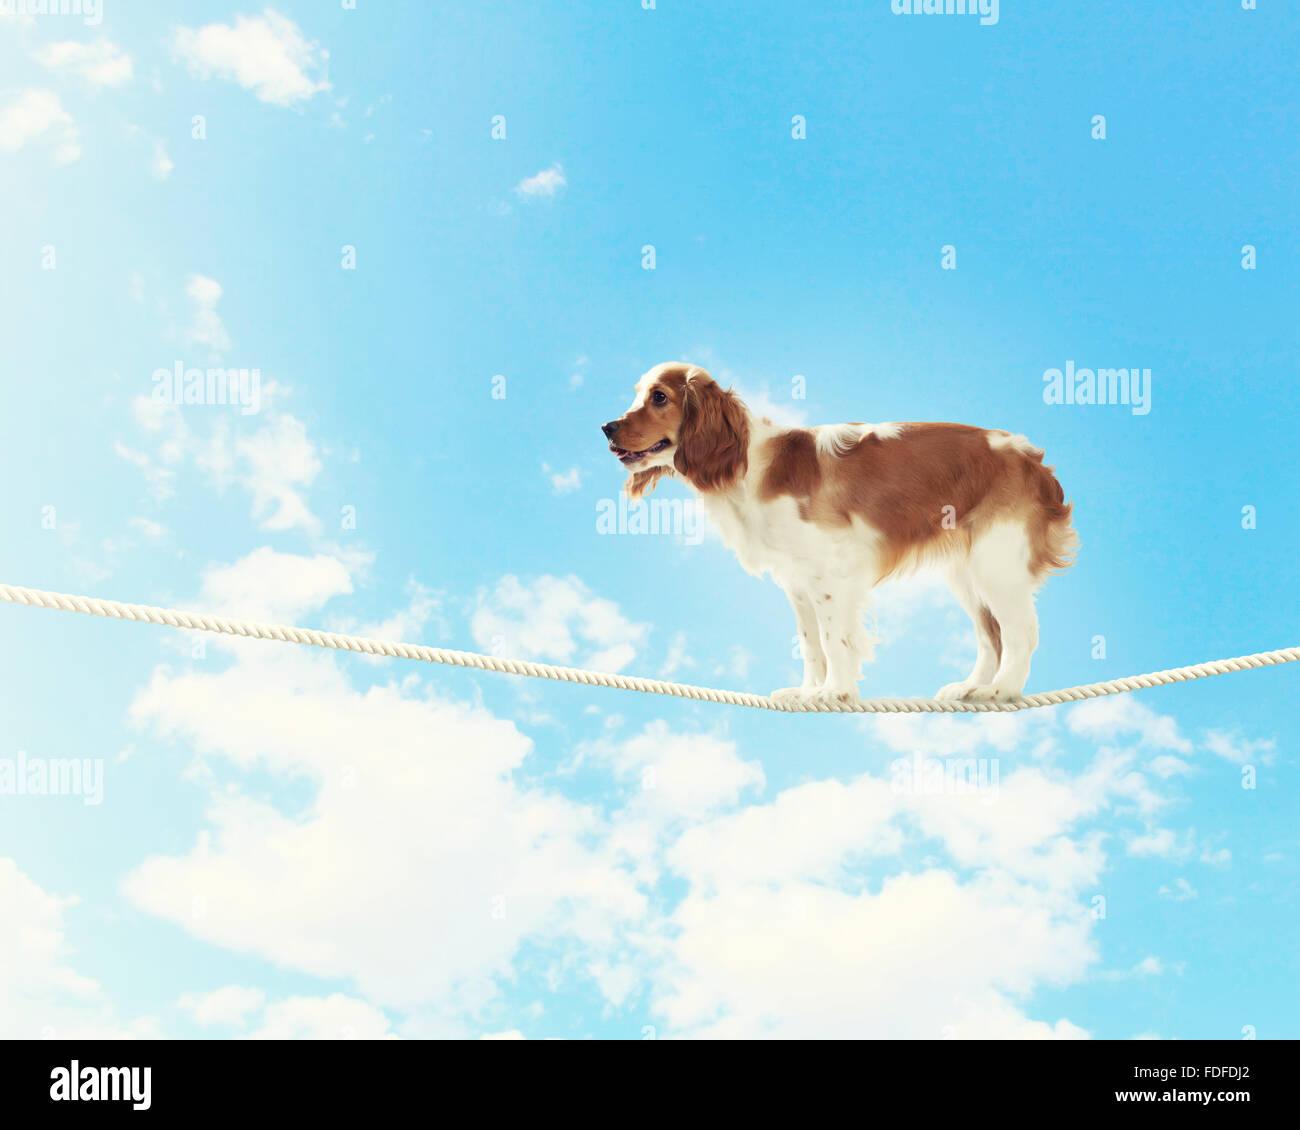 Image de spaniel chien équilibre sur corde Photo Stock